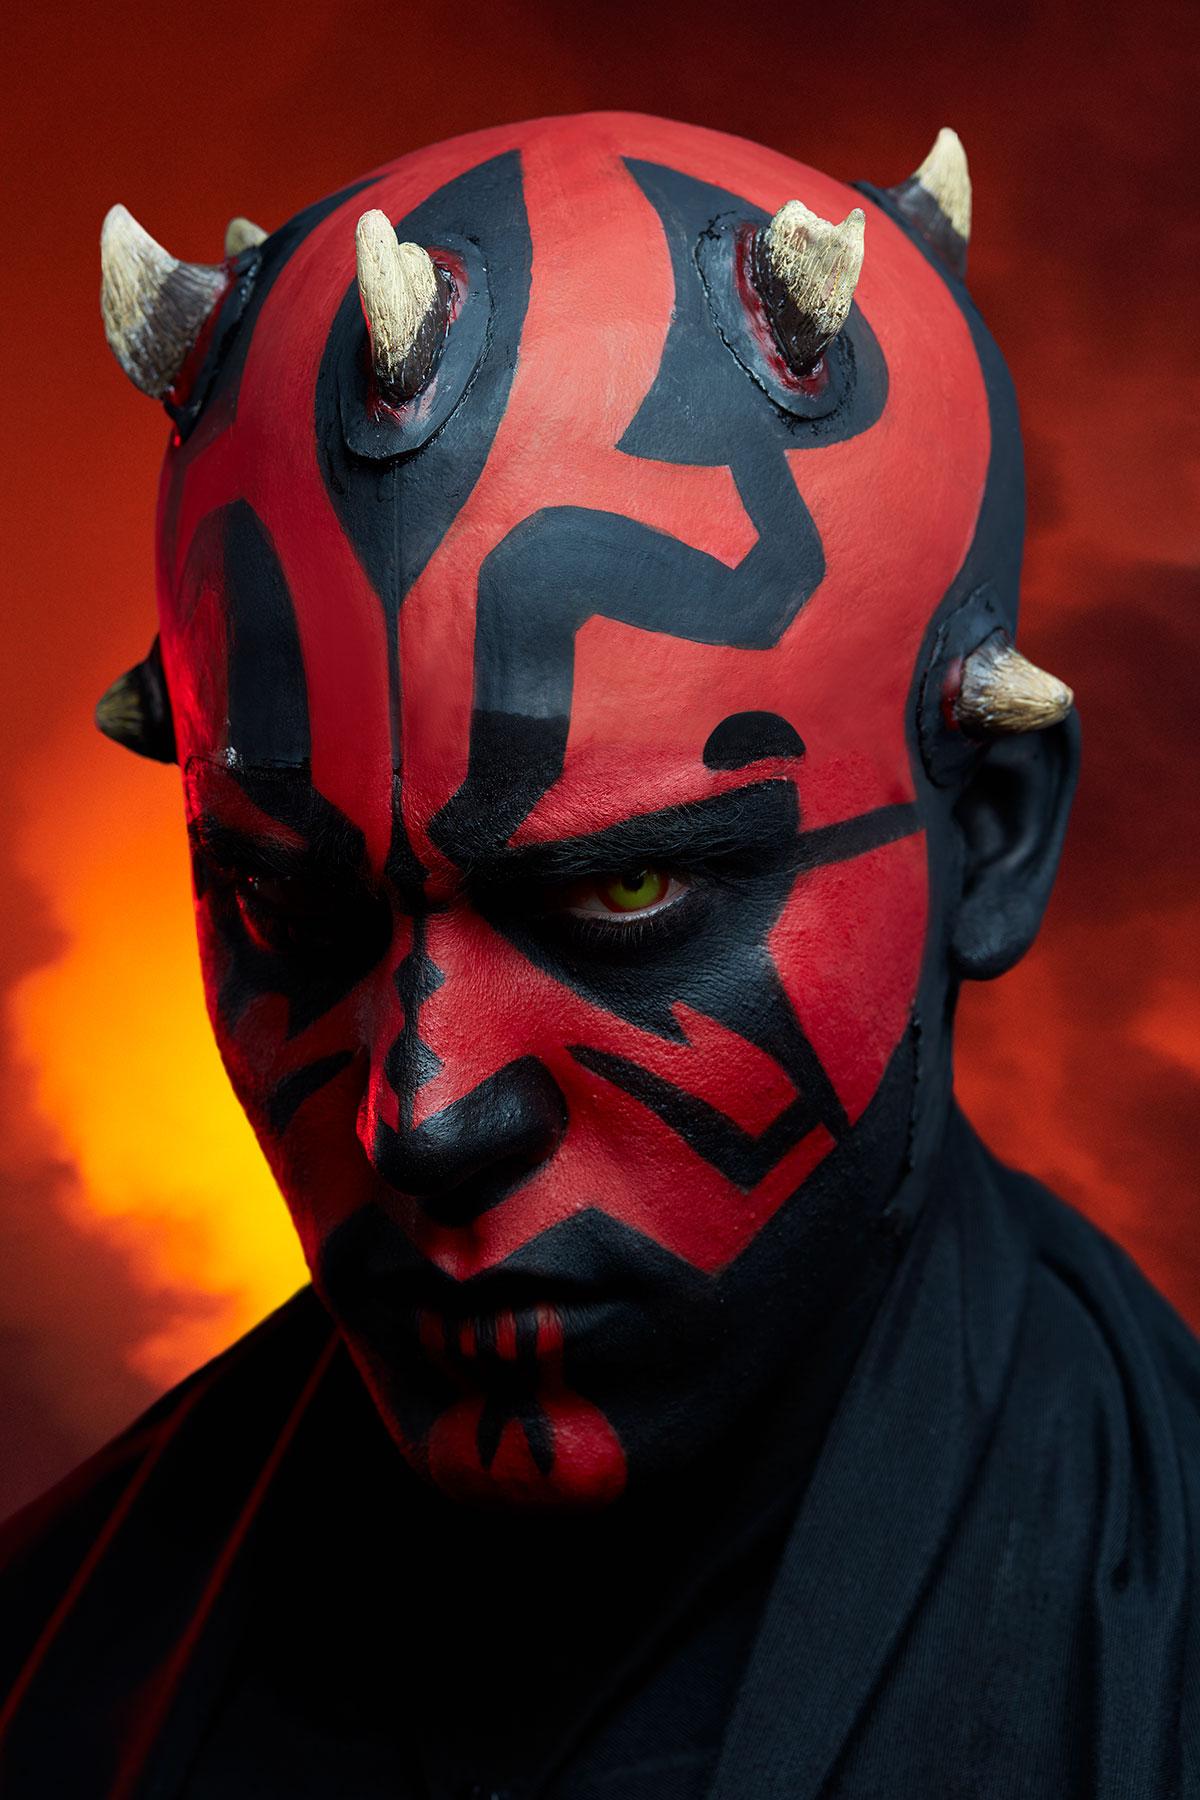 Arthur Sayanoff Darth Maul Star Wars 08 04